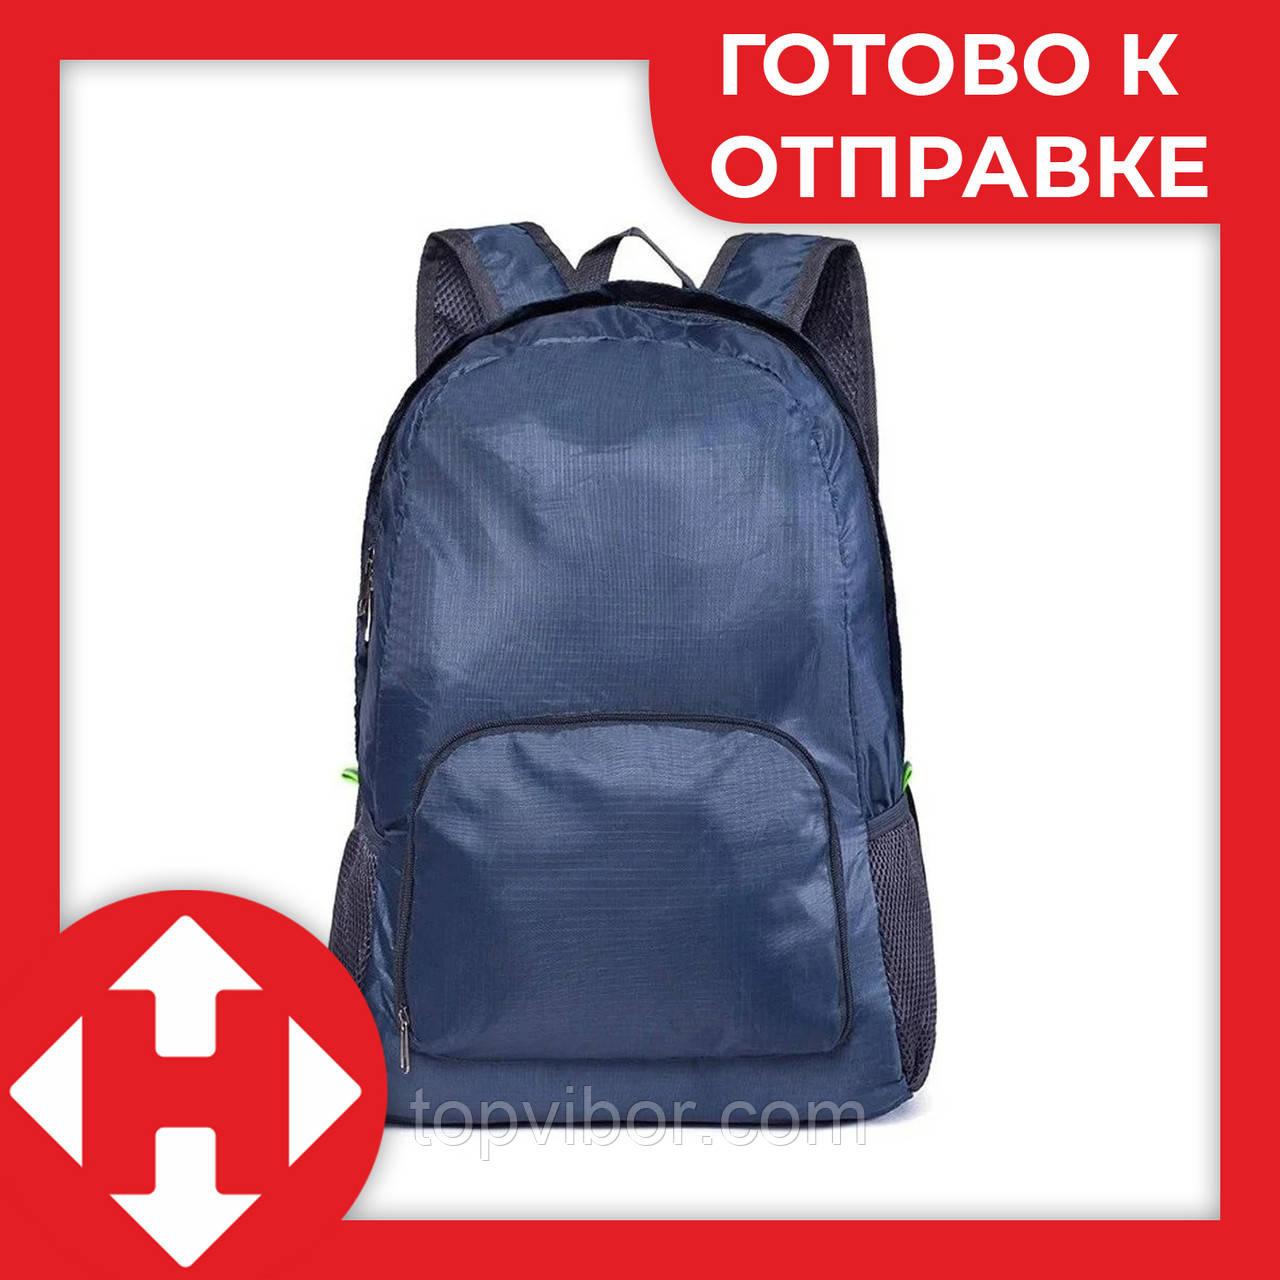 Складной водонепроницаемый рюкзак, Темно-синего цвета, туристический, походный рюкзак-трансформер